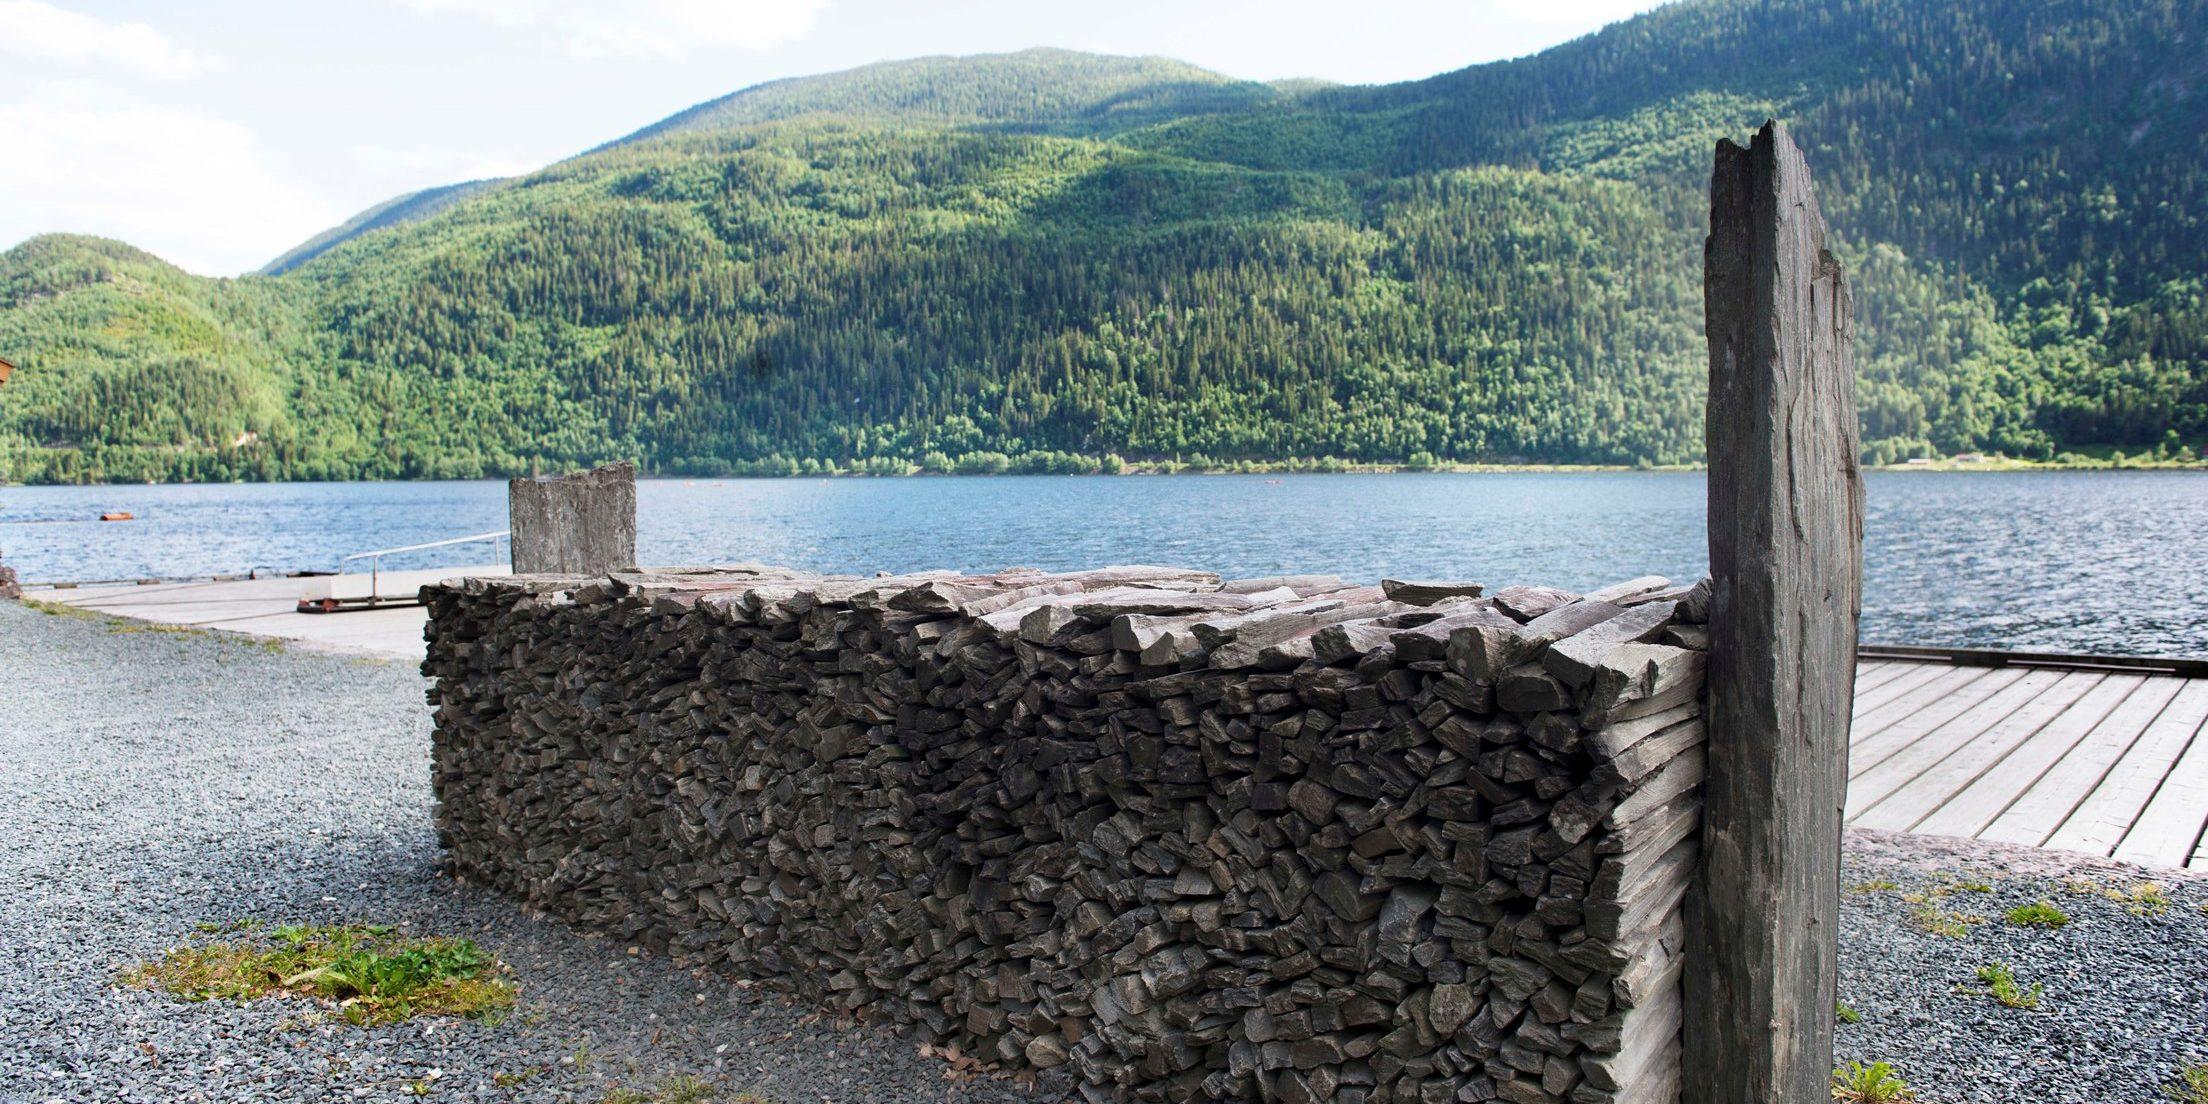 Et la er et lager eller opplag f.eks. av stein. Ved Dalen bryggje er det lagt opp et steinla som et minne om brynesteinstransporten som gikk herfra i hundrevis av år.